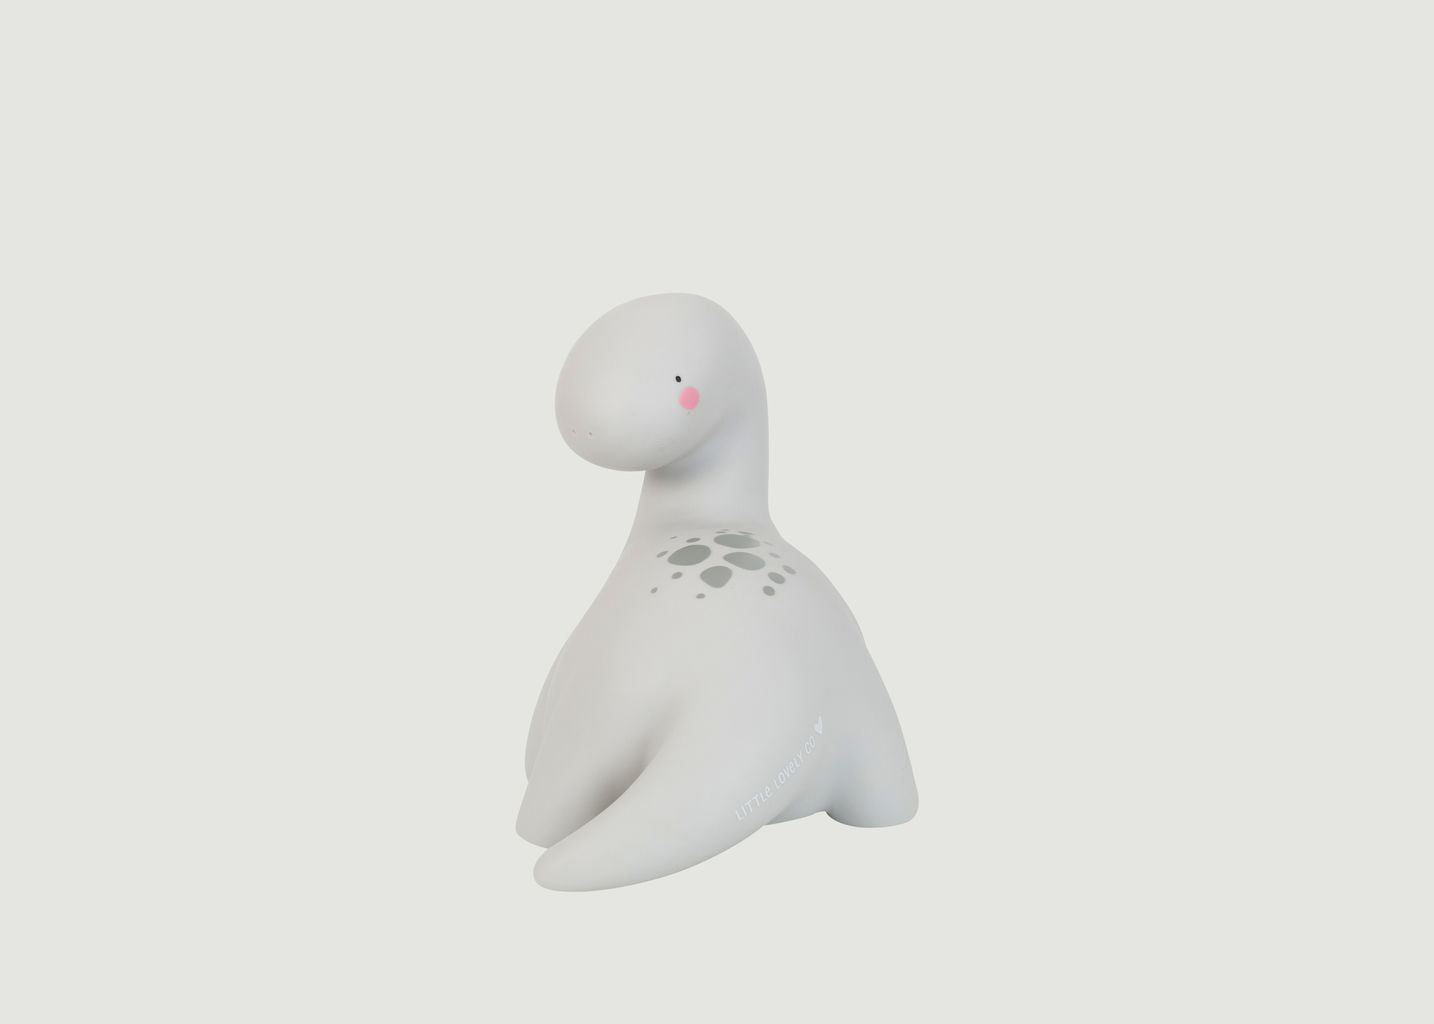 Lampe de Chevet - A little lovely company